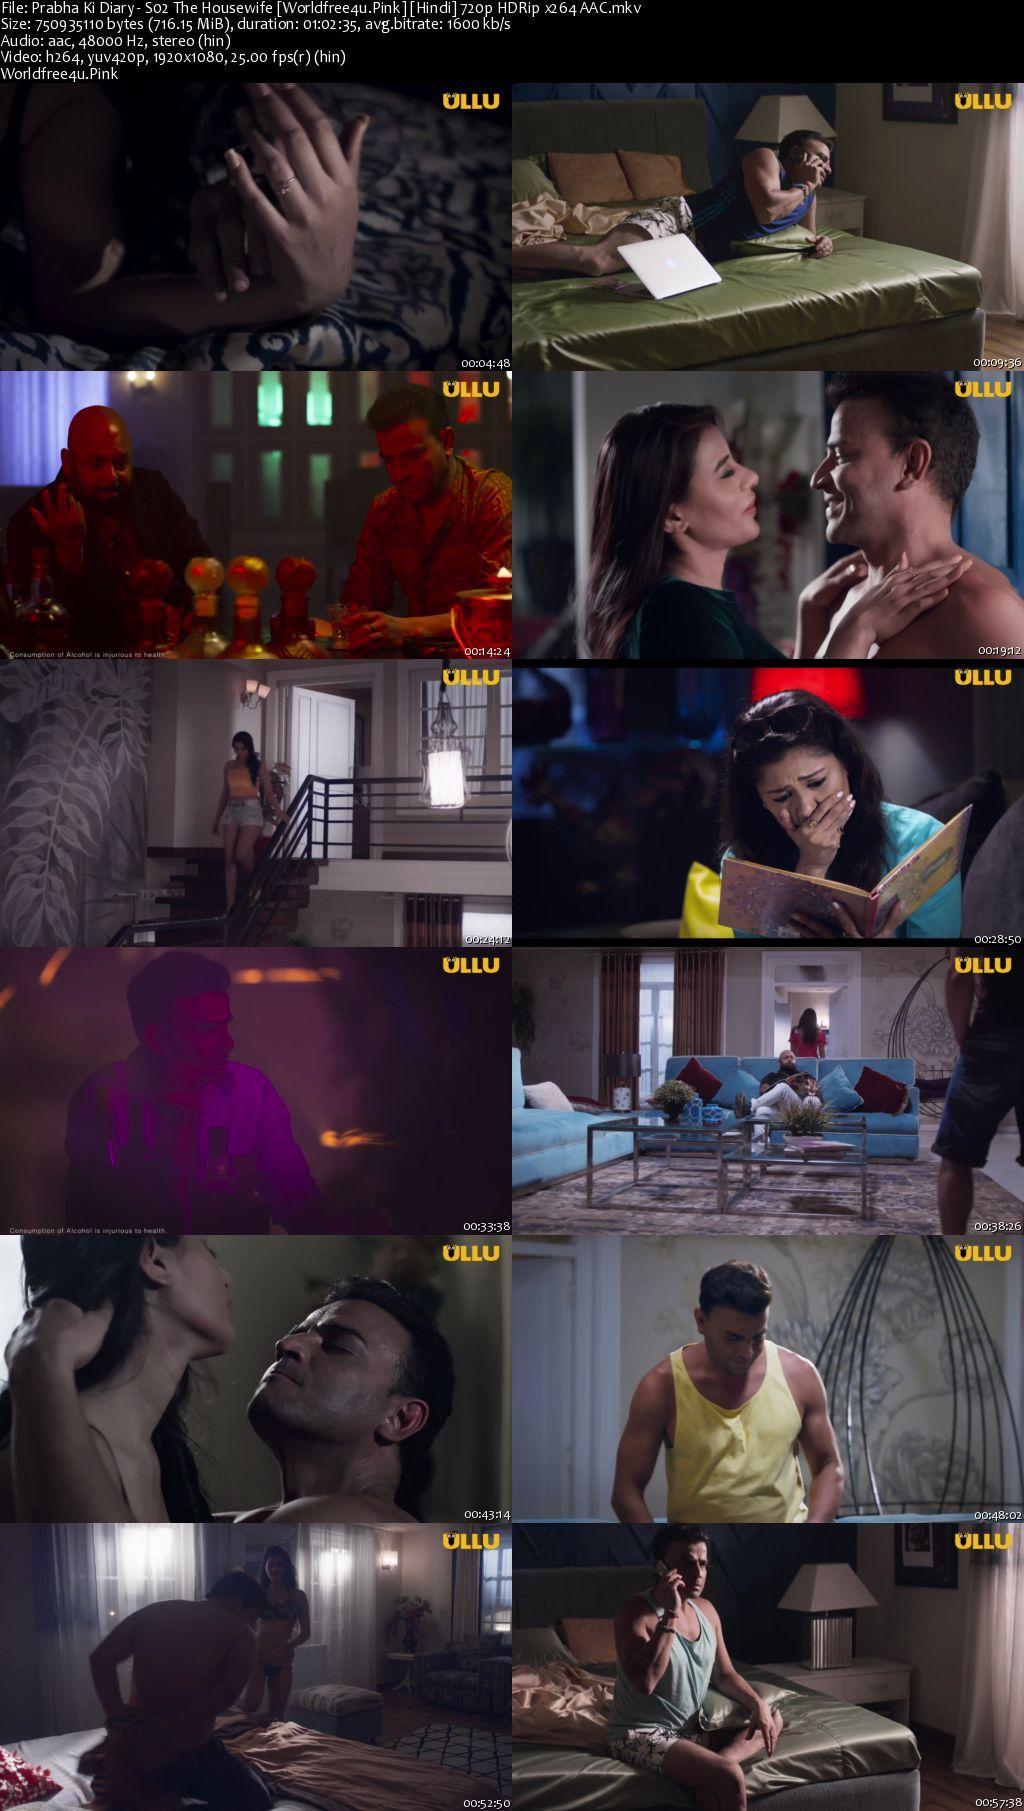 Prabha Ki Diary: The Housewife 2021 Hindi Episode HDRip 720p